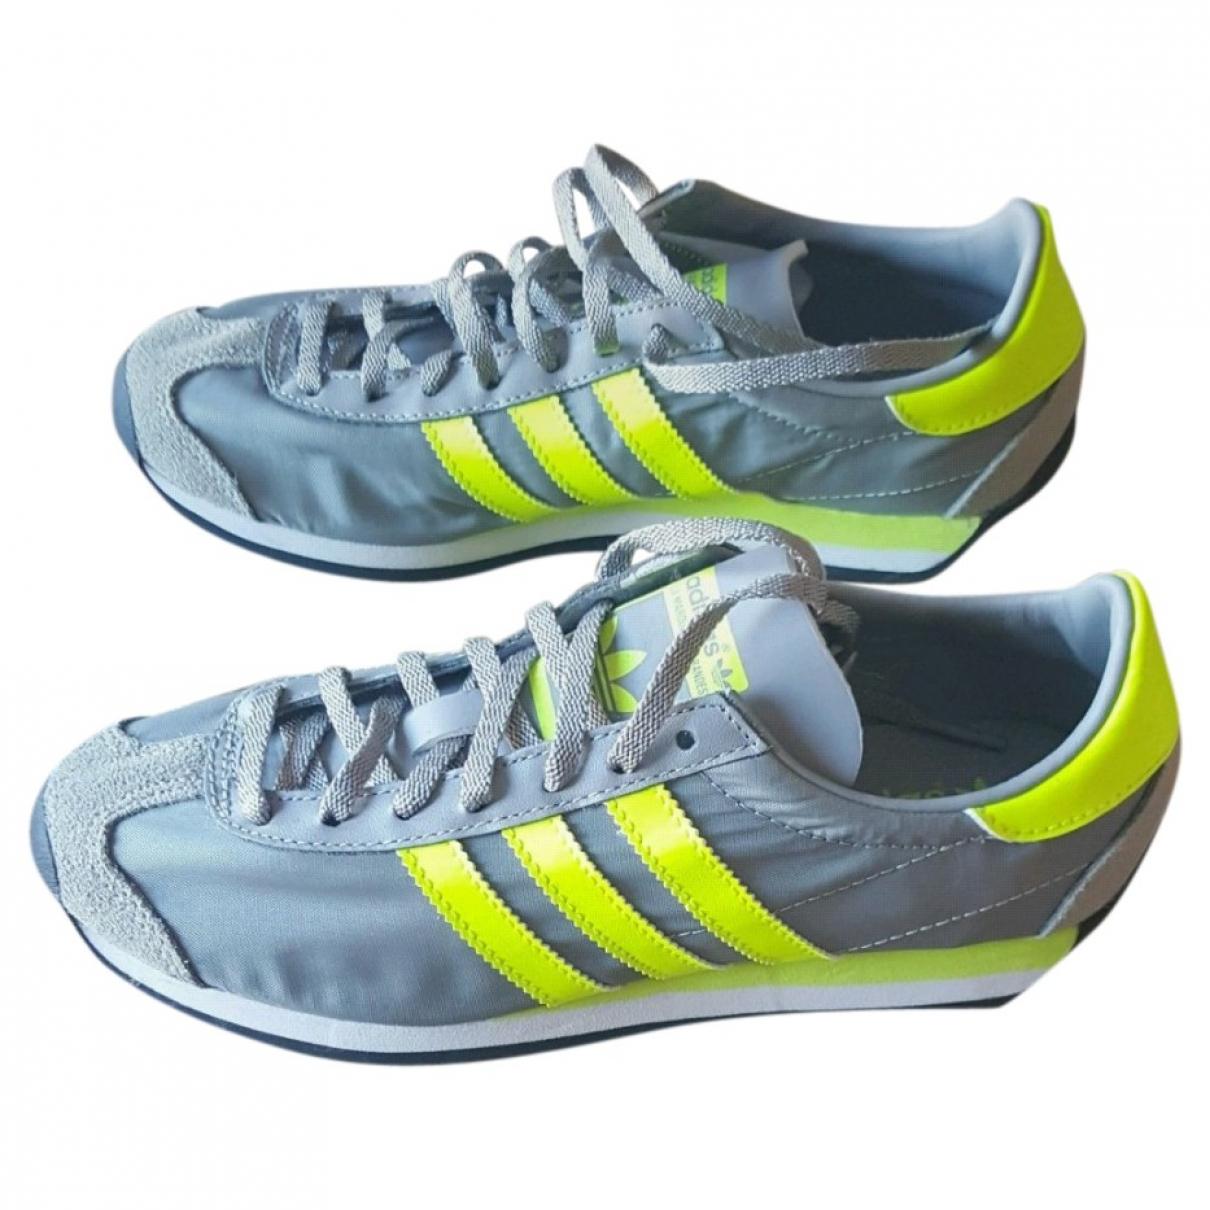 Adidas \N Sneakers in  Grau Kautschuk